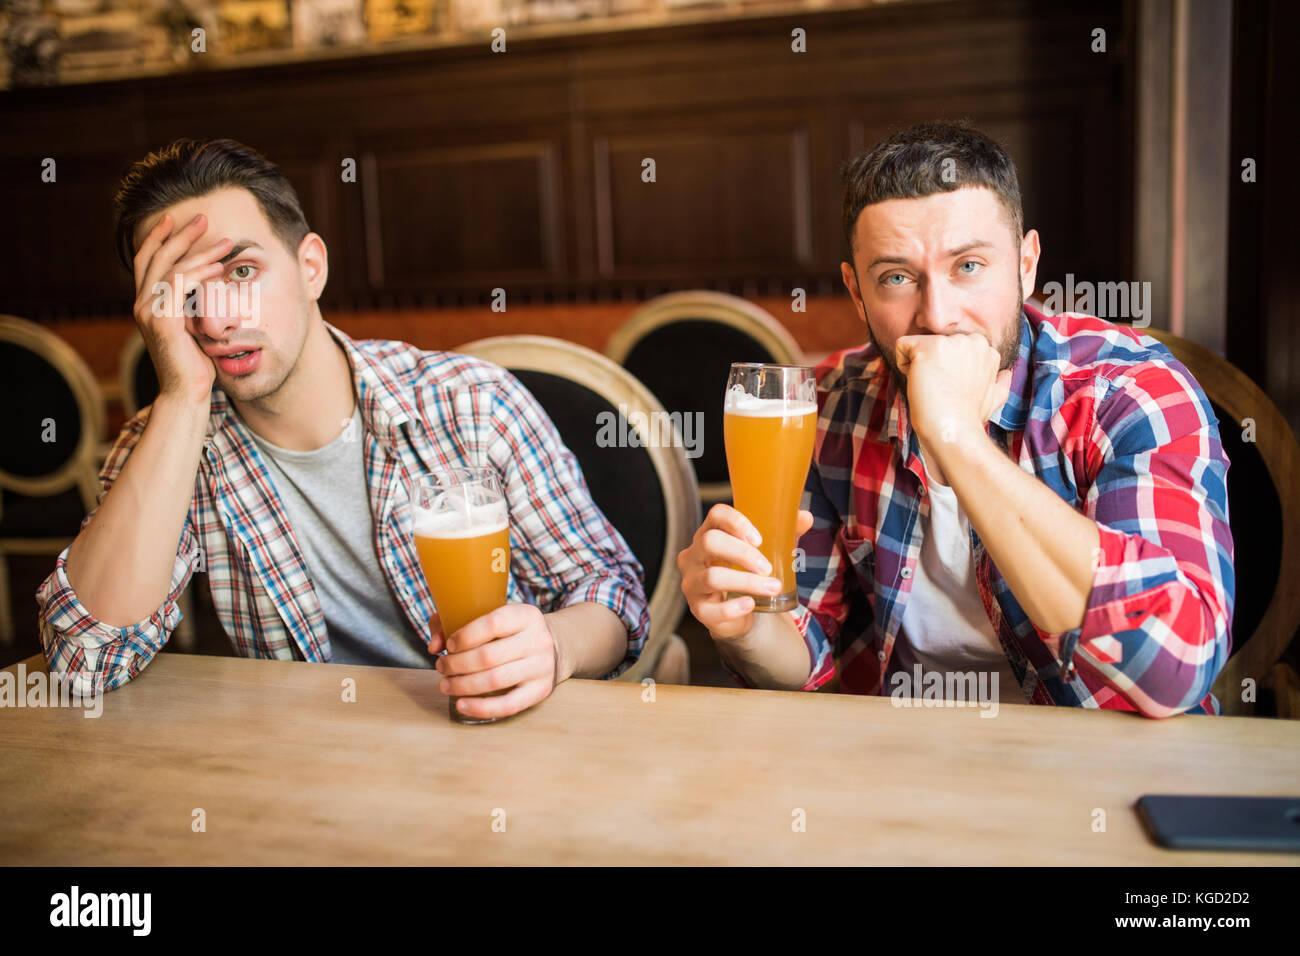 Giovane uomo barbuto cercando sconvolto e triste avente la birra al pub copyspace depressione stress stanco Immagini Stock